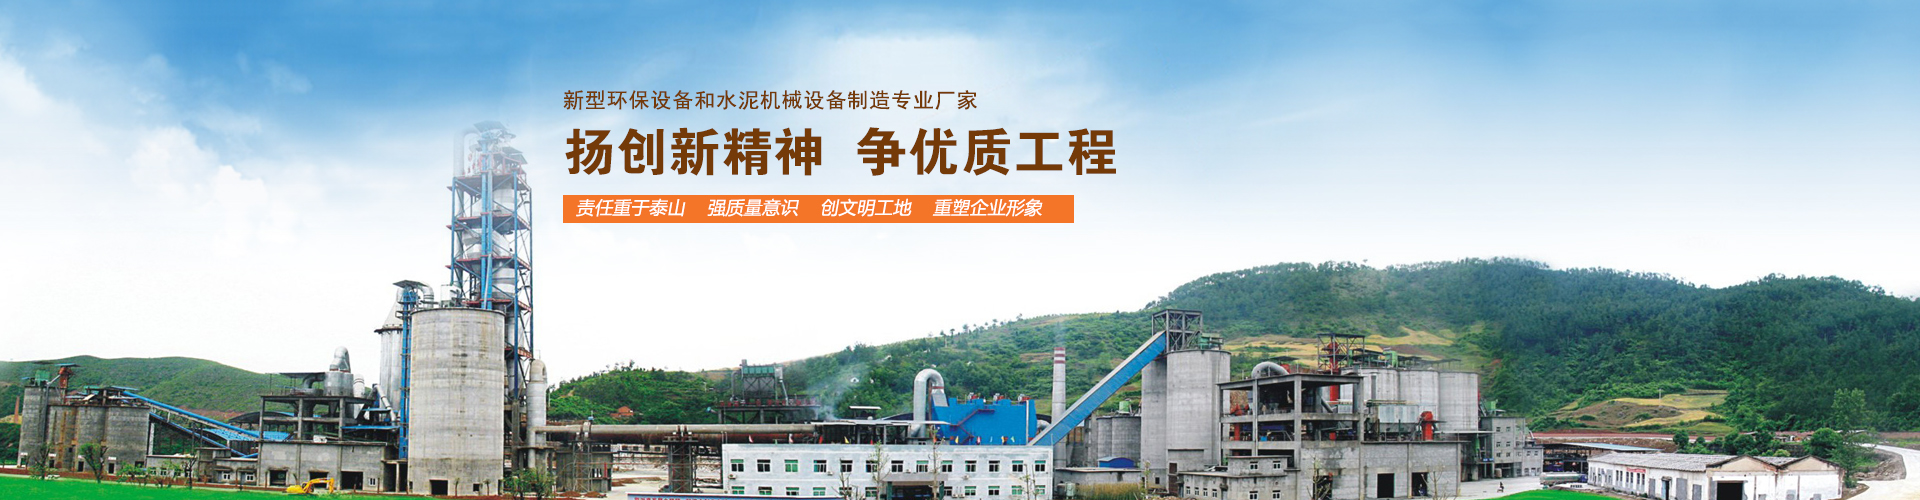 江苏腾鹏建材设备有限公司